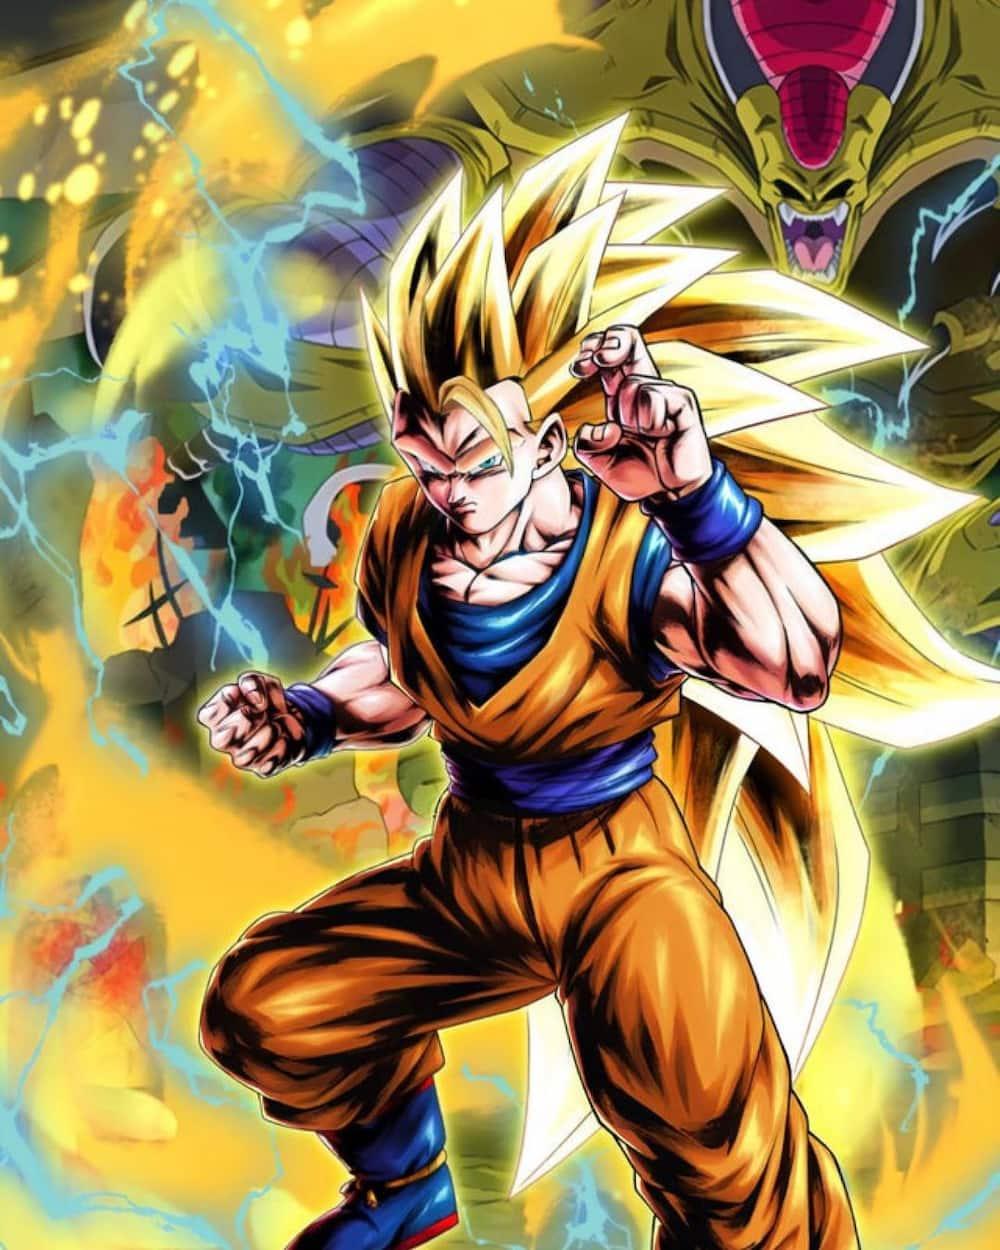 how old is Goku jr